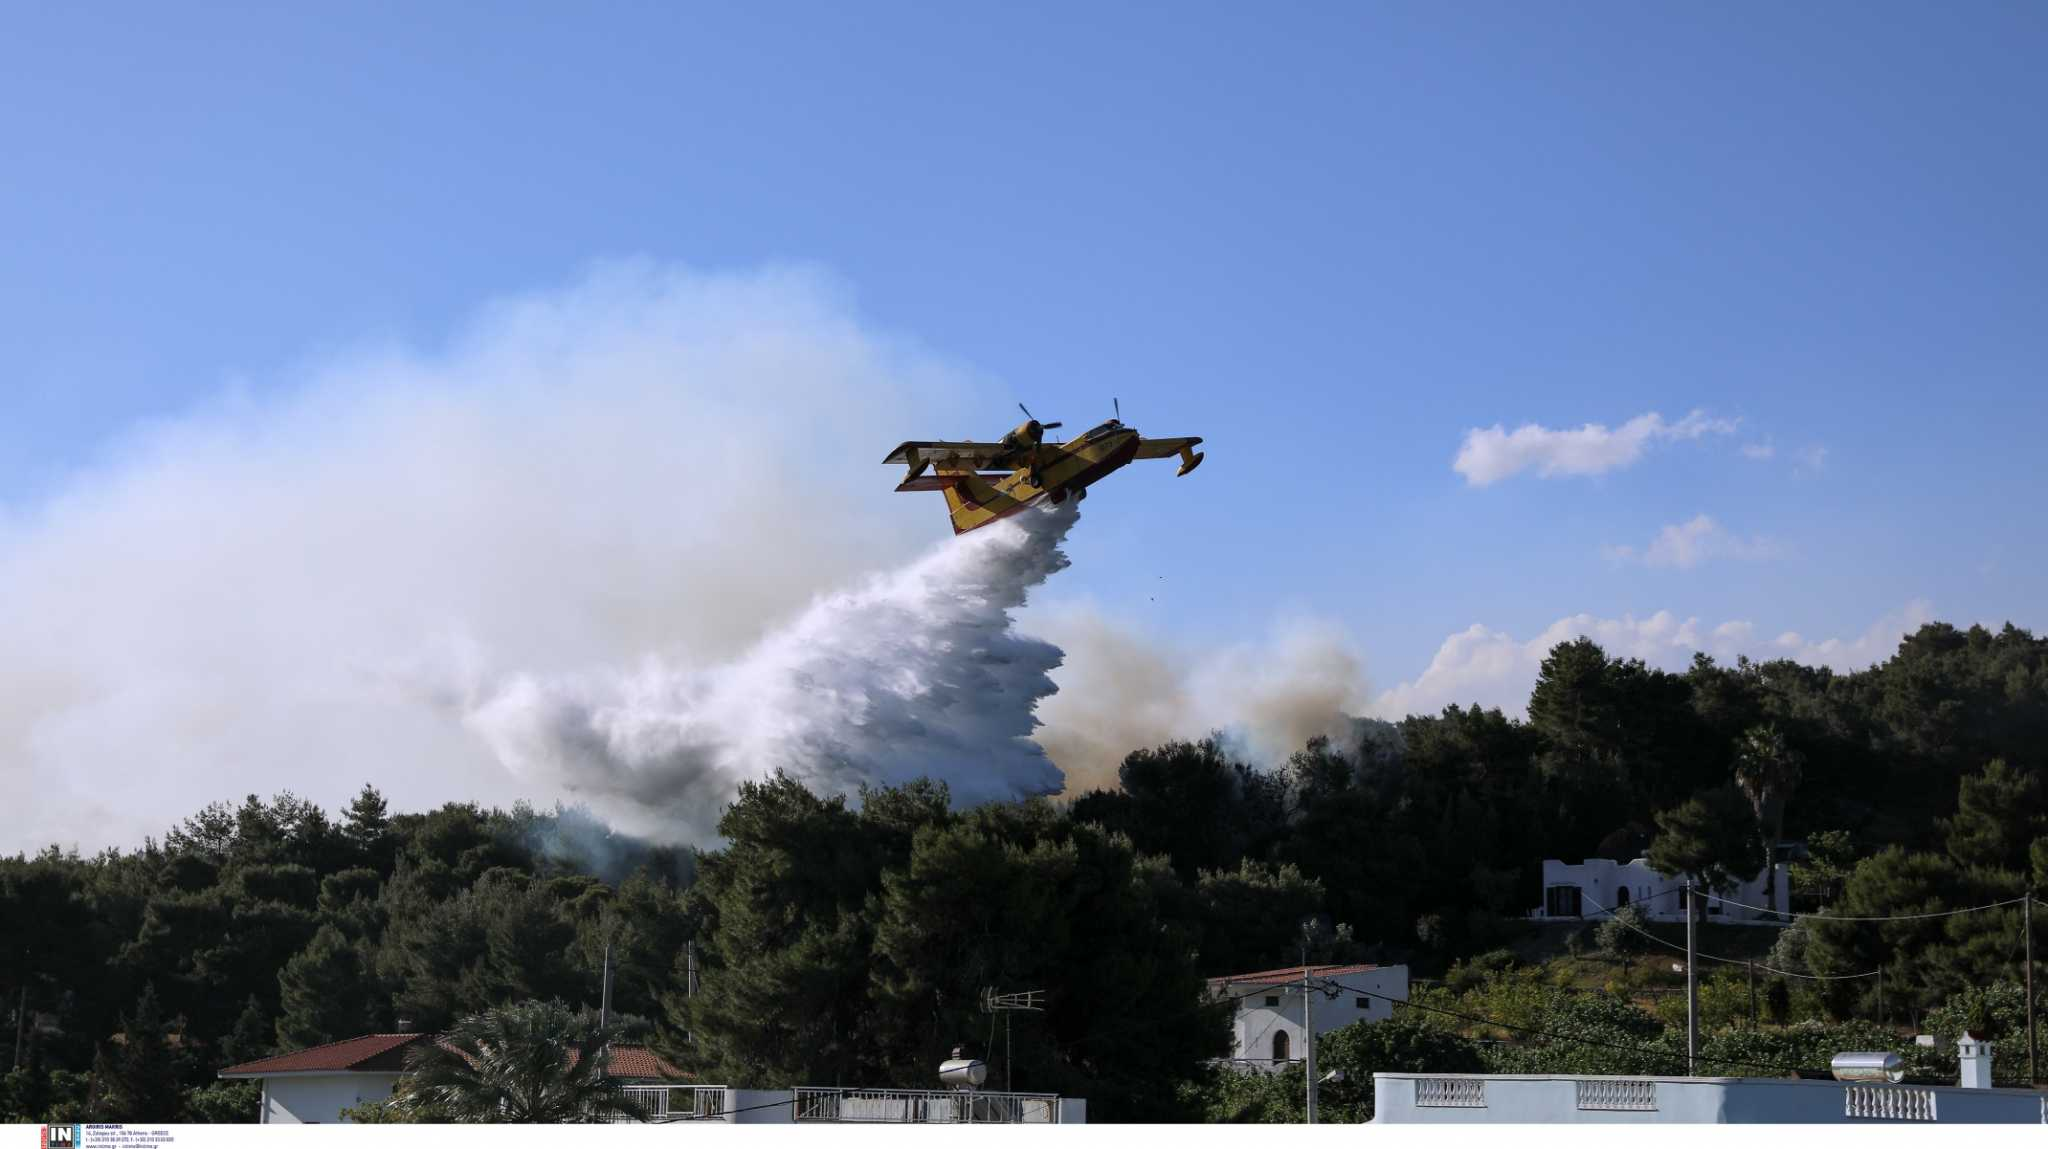 Καύσωνας – Πολιτική Προστασία: Πολύ μεγάλος ο κίνδυνος πυρκαγιών την Πέμπτη